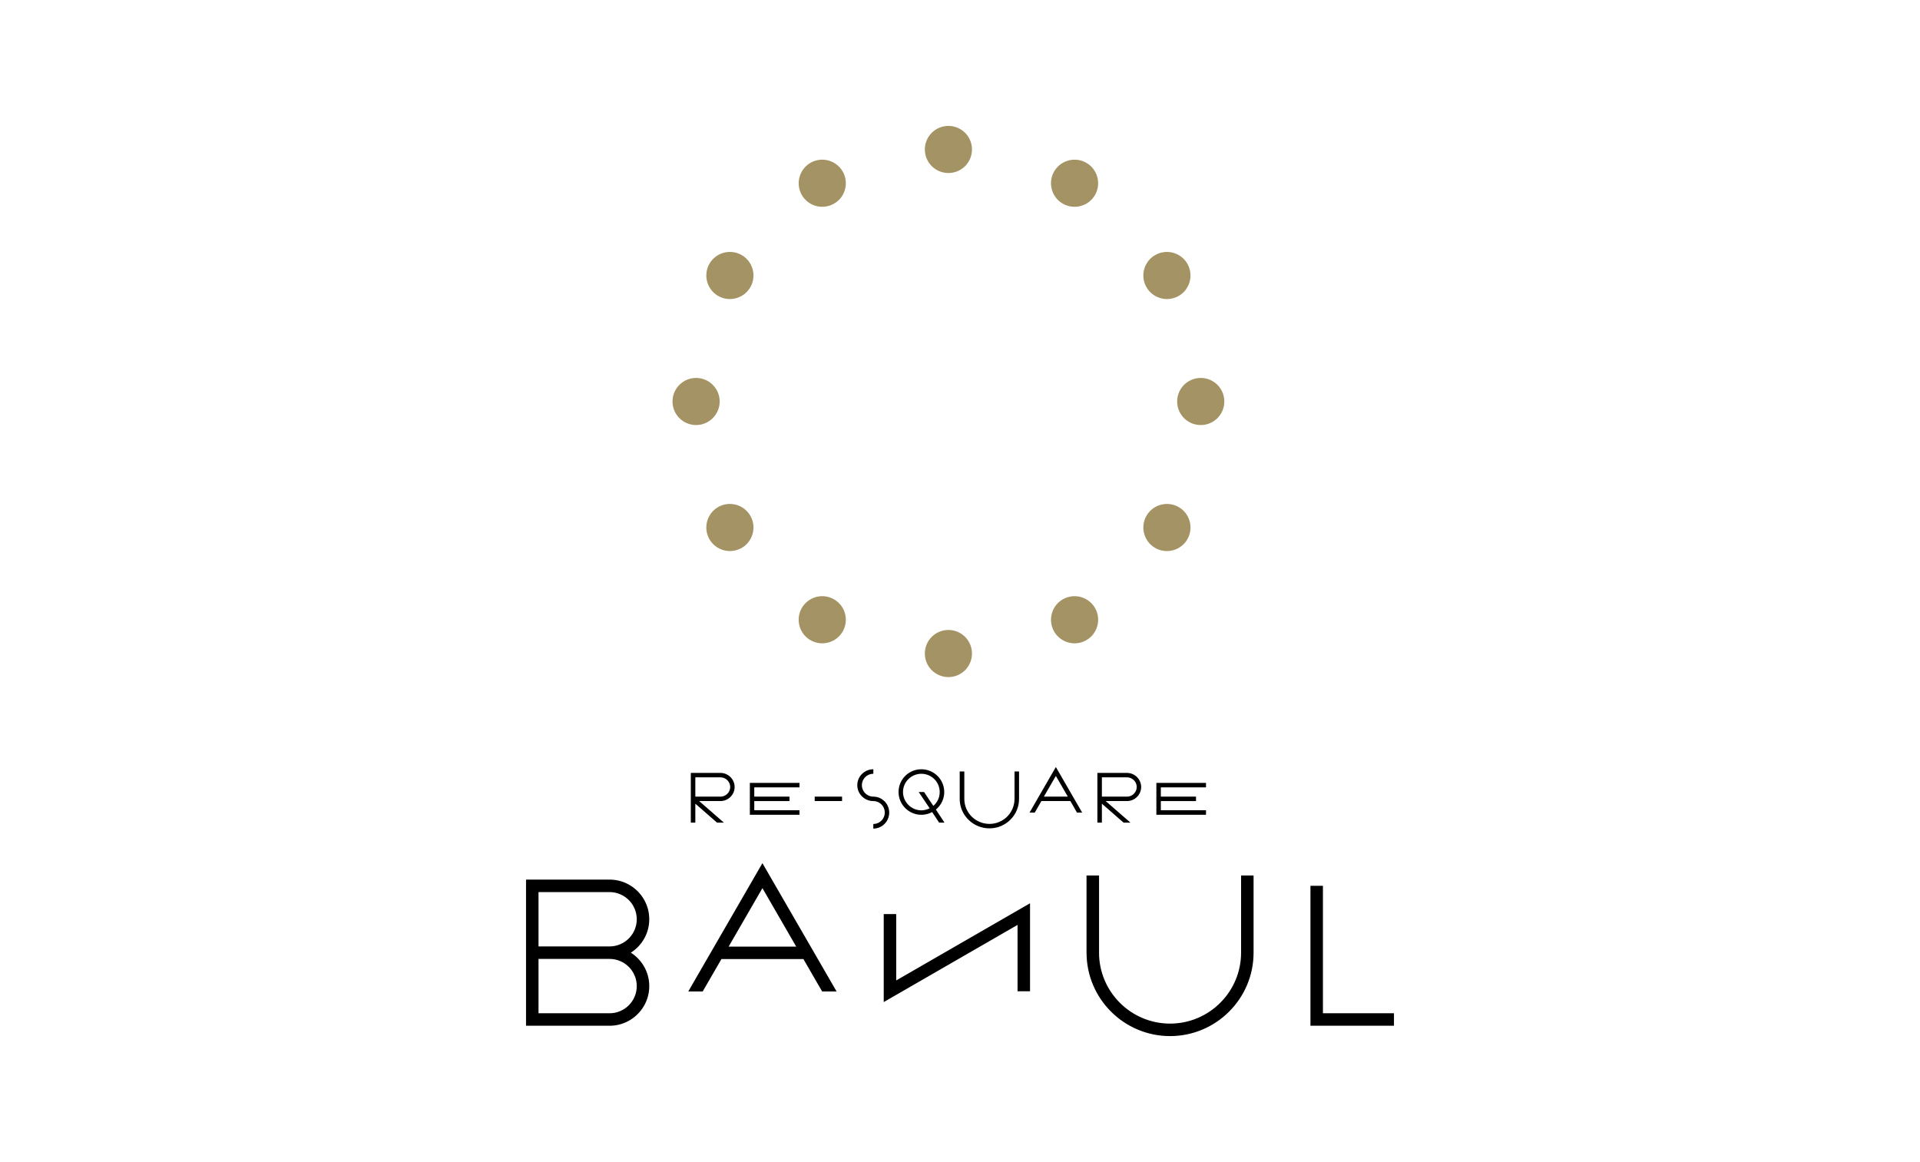 BANUL ロゴデザイン